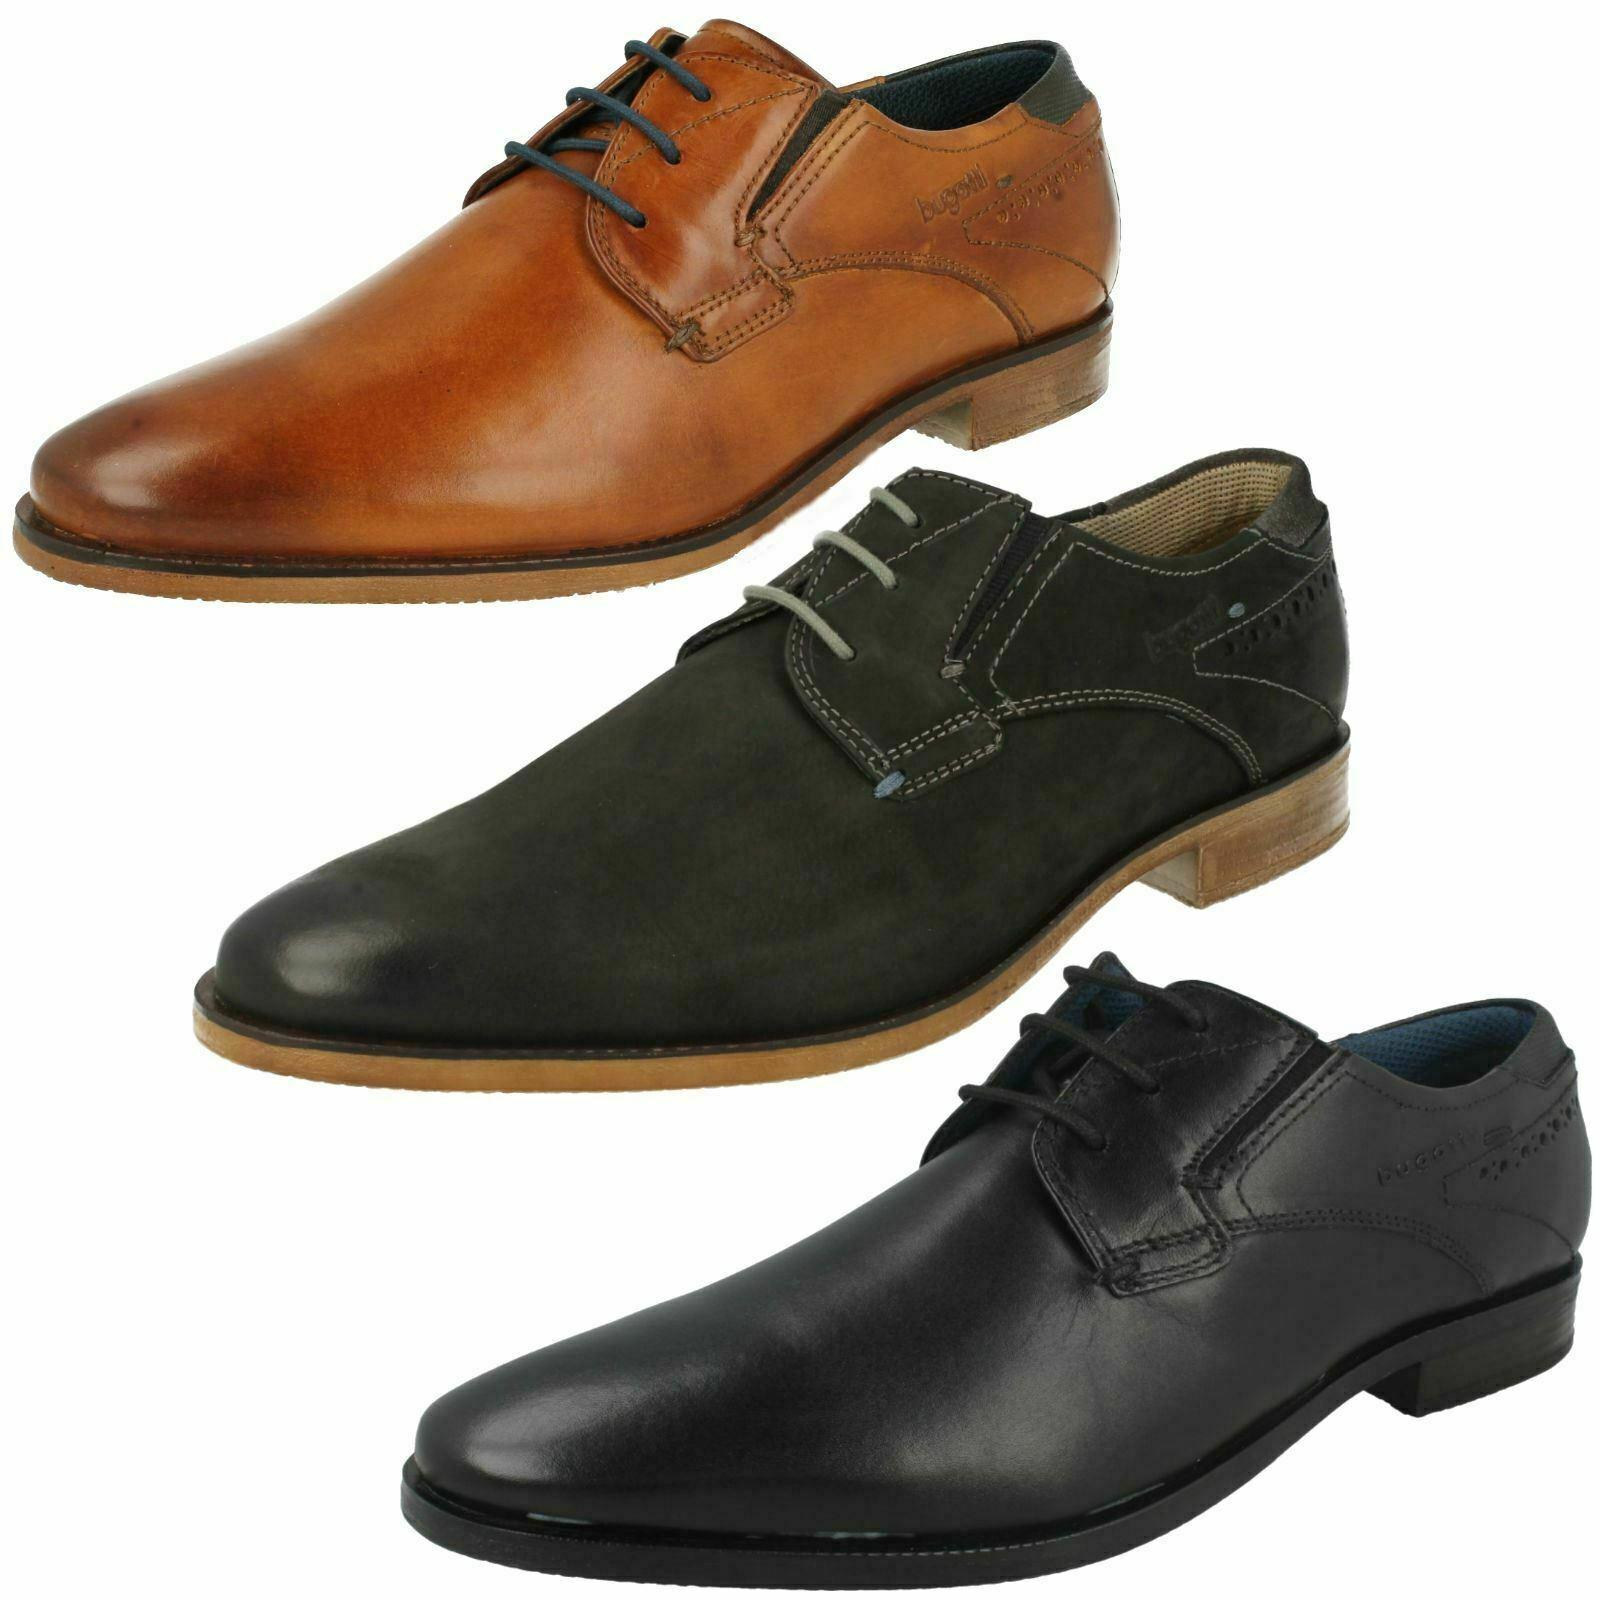 Zapatos para hombre Bugatti formal - 311-25101